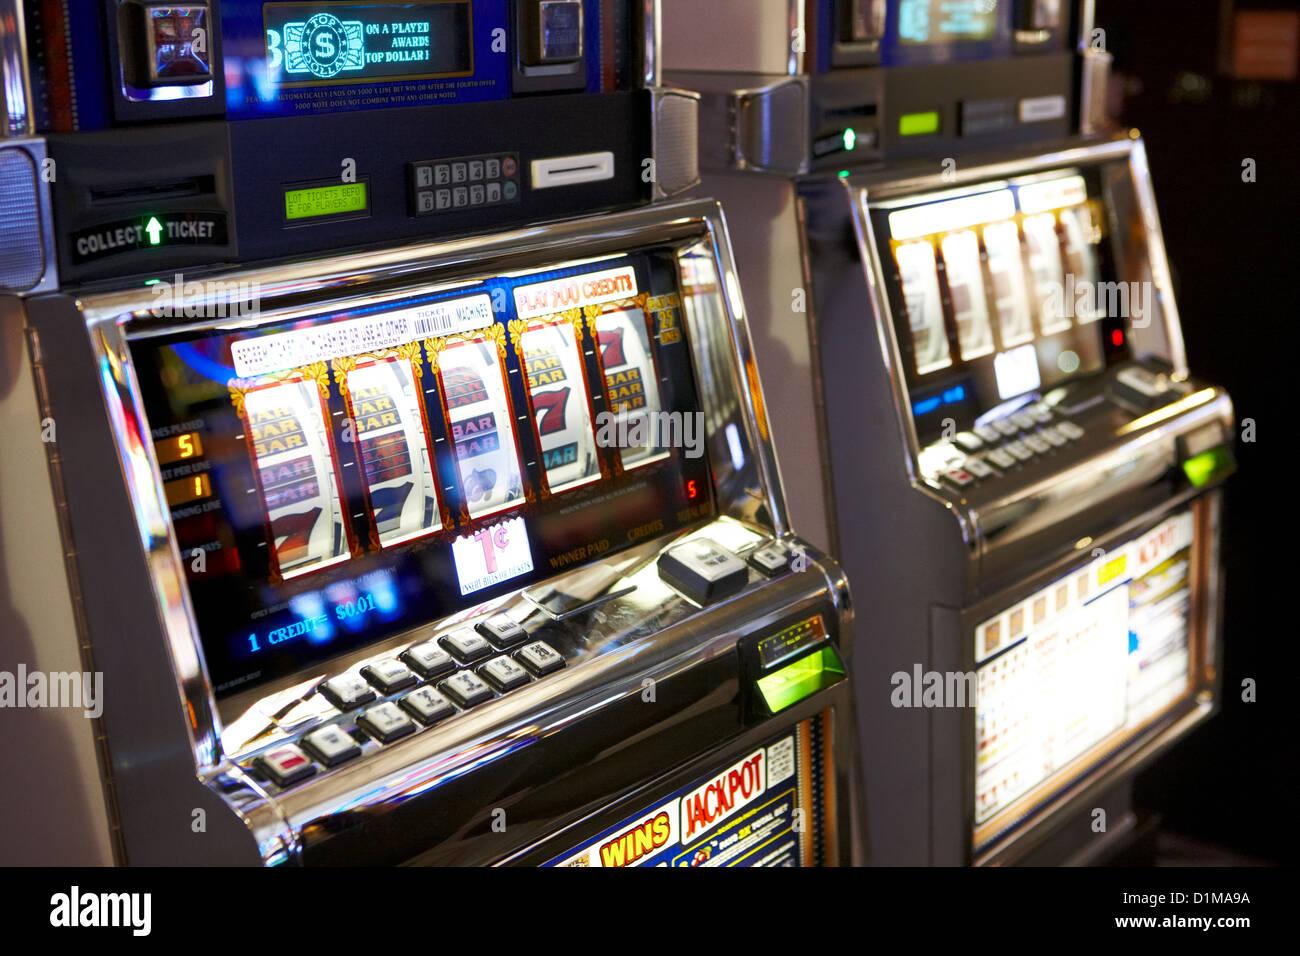 reel top dollar jackpot gaming gambling machines Las Vegas Nevada USA - Stock Image